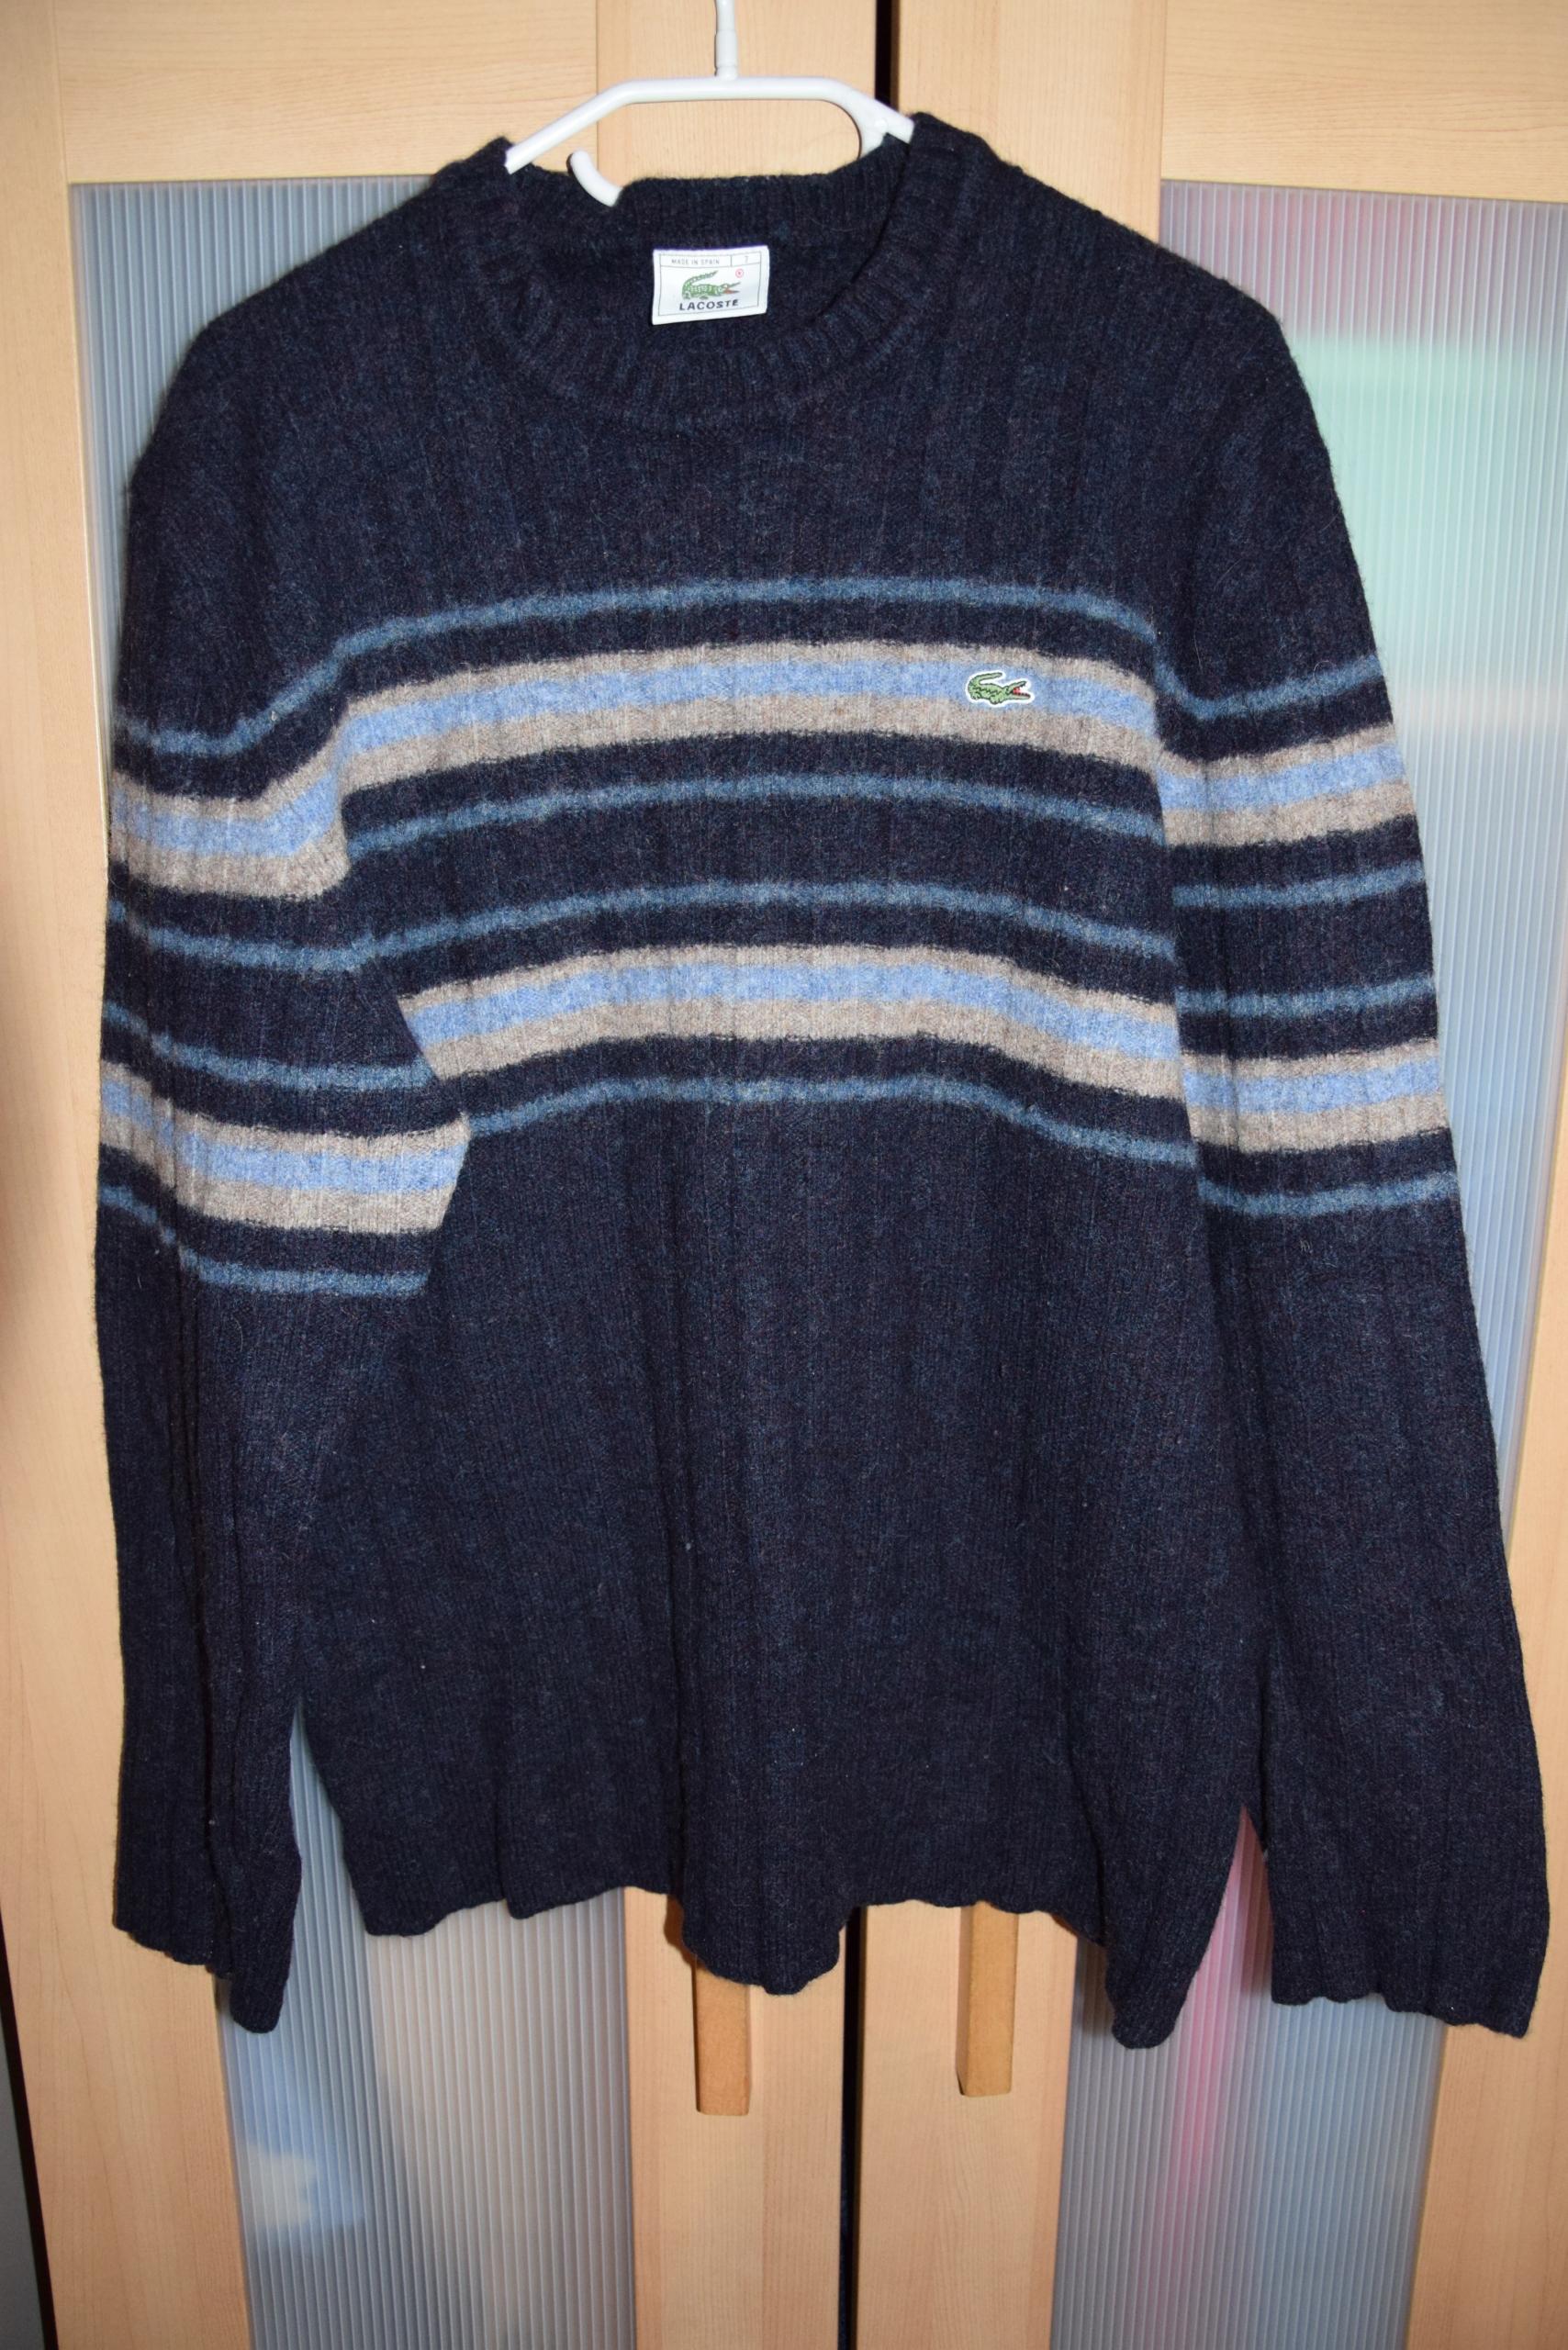 cc7112cdf Swetr Lacoste ciepły L męski wełna - 7595617400 - oficjalne ...